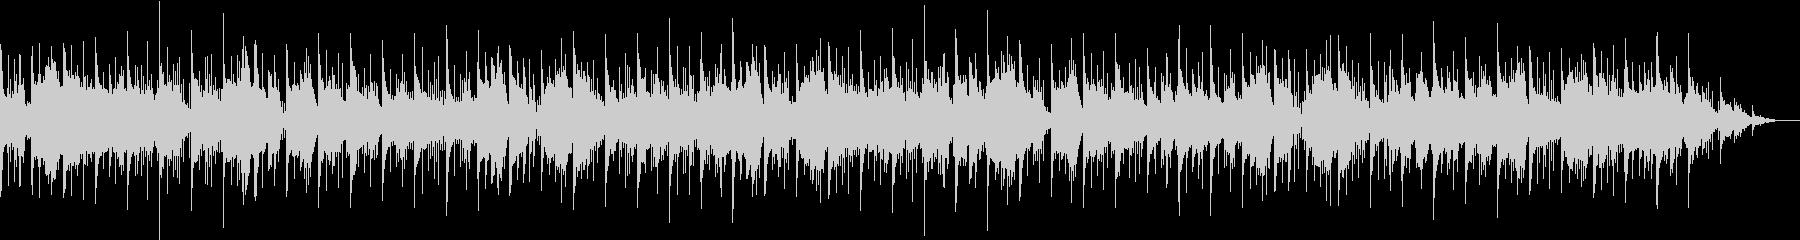 カノンコードとアルペジエーターを使った曲の未再生の波形